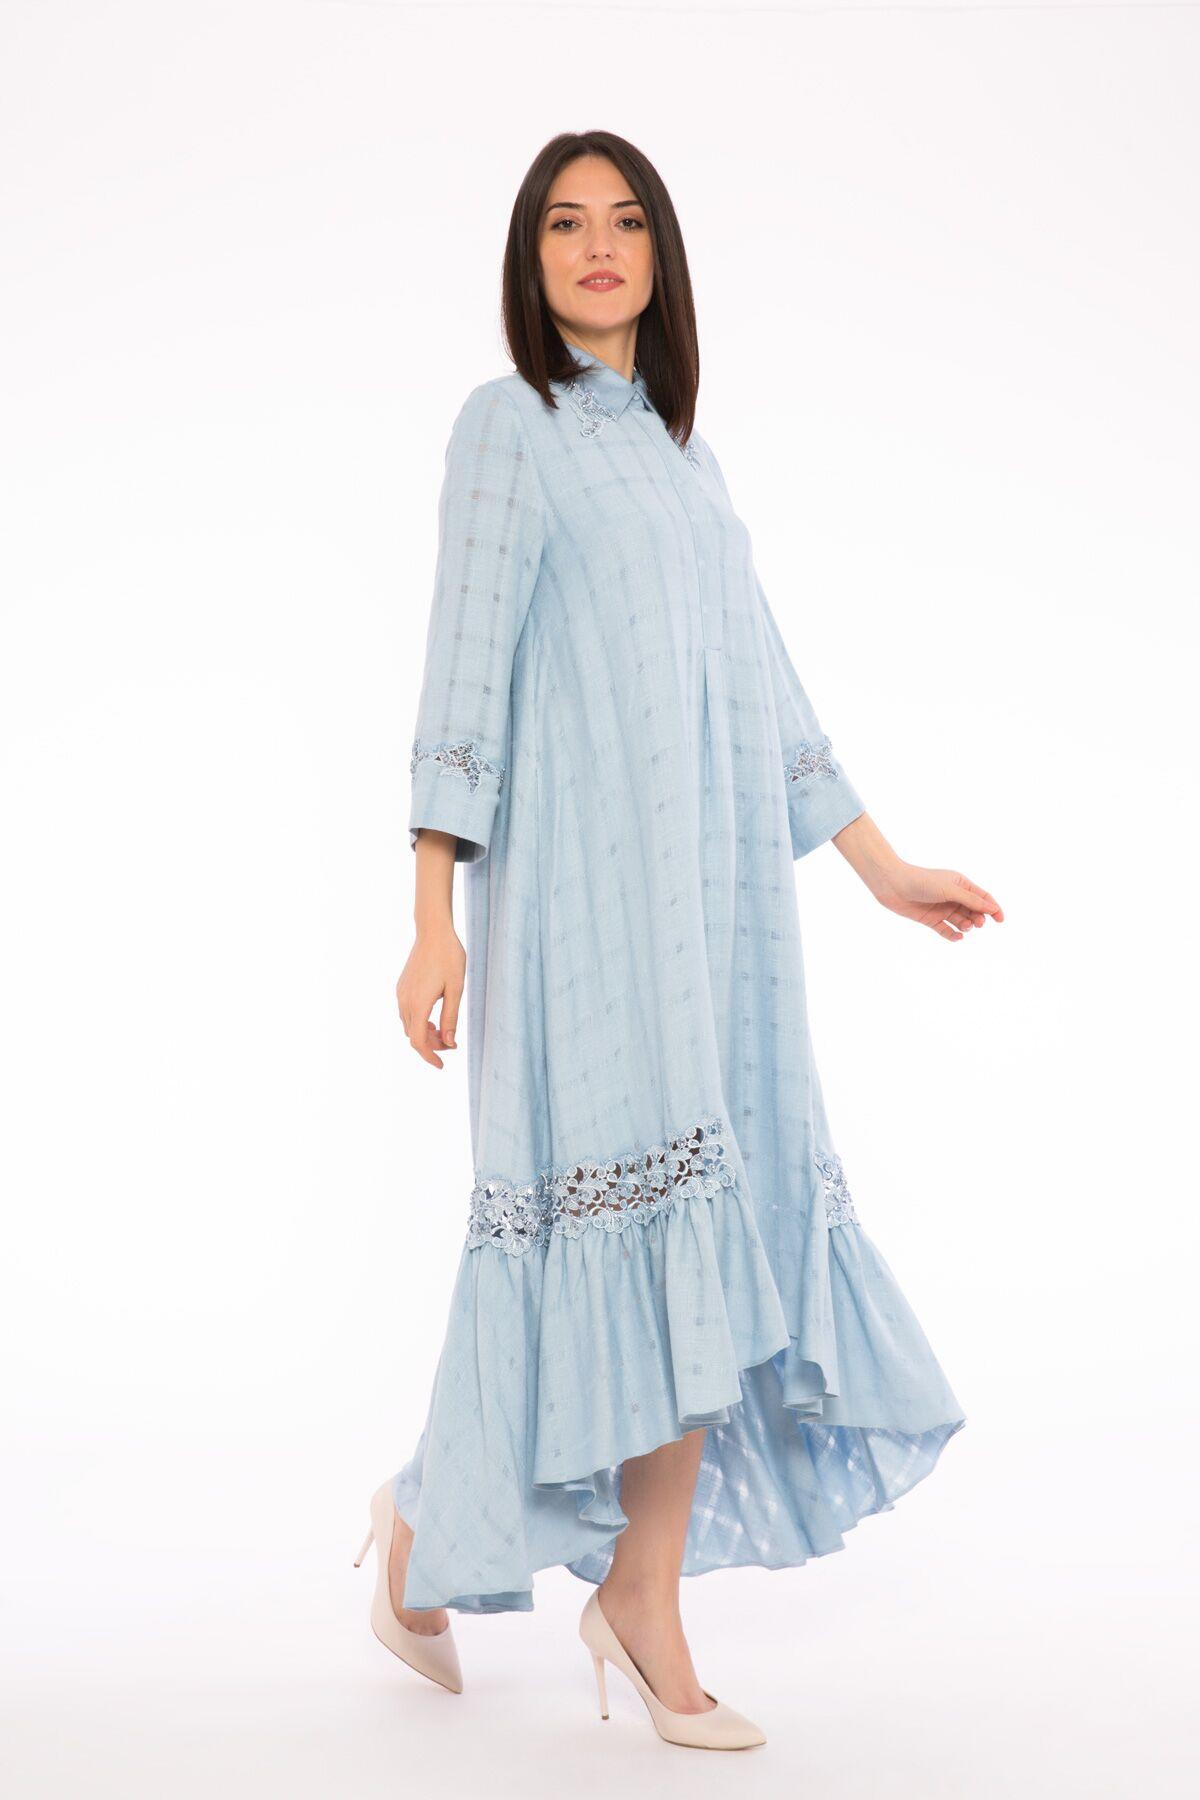 Önü Kısa Arkası Uzun Dantel Ve İşleme Detaylı, Uzun Kollu Elbise